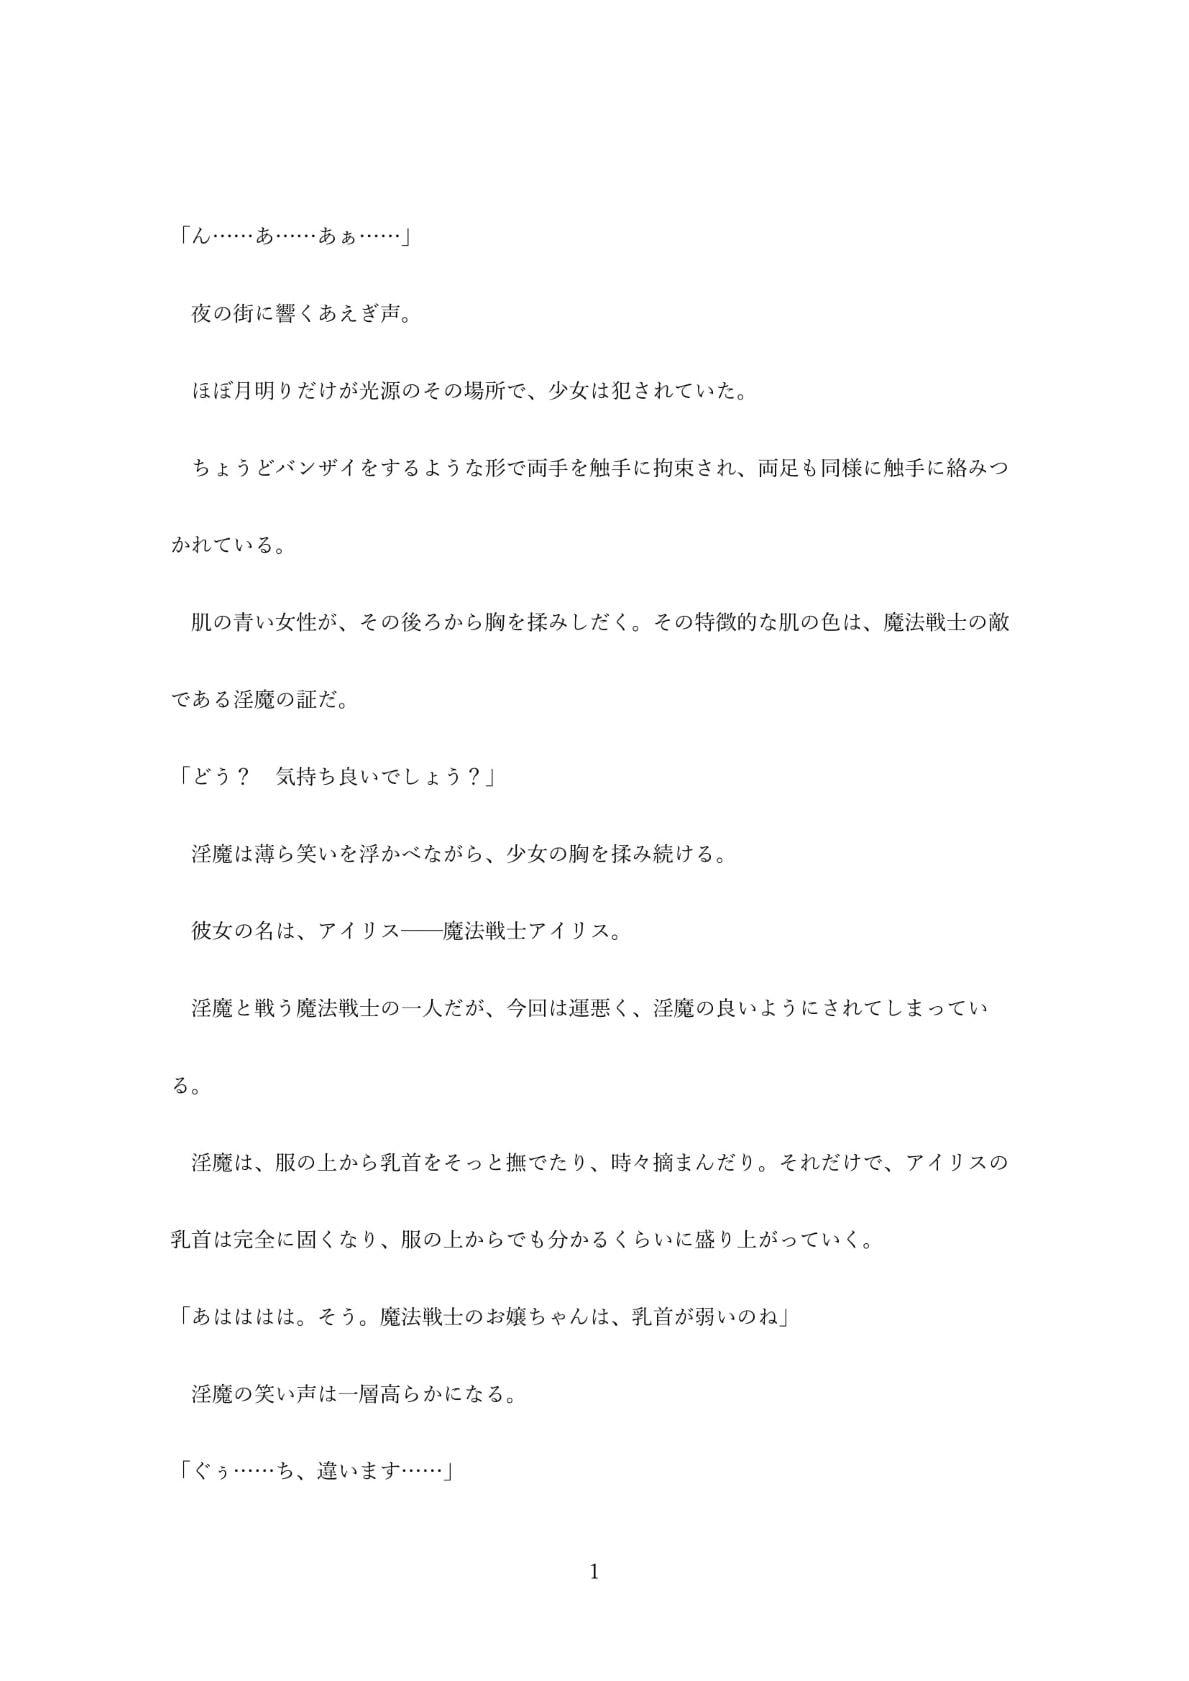 魔法戦士敗北短編集β